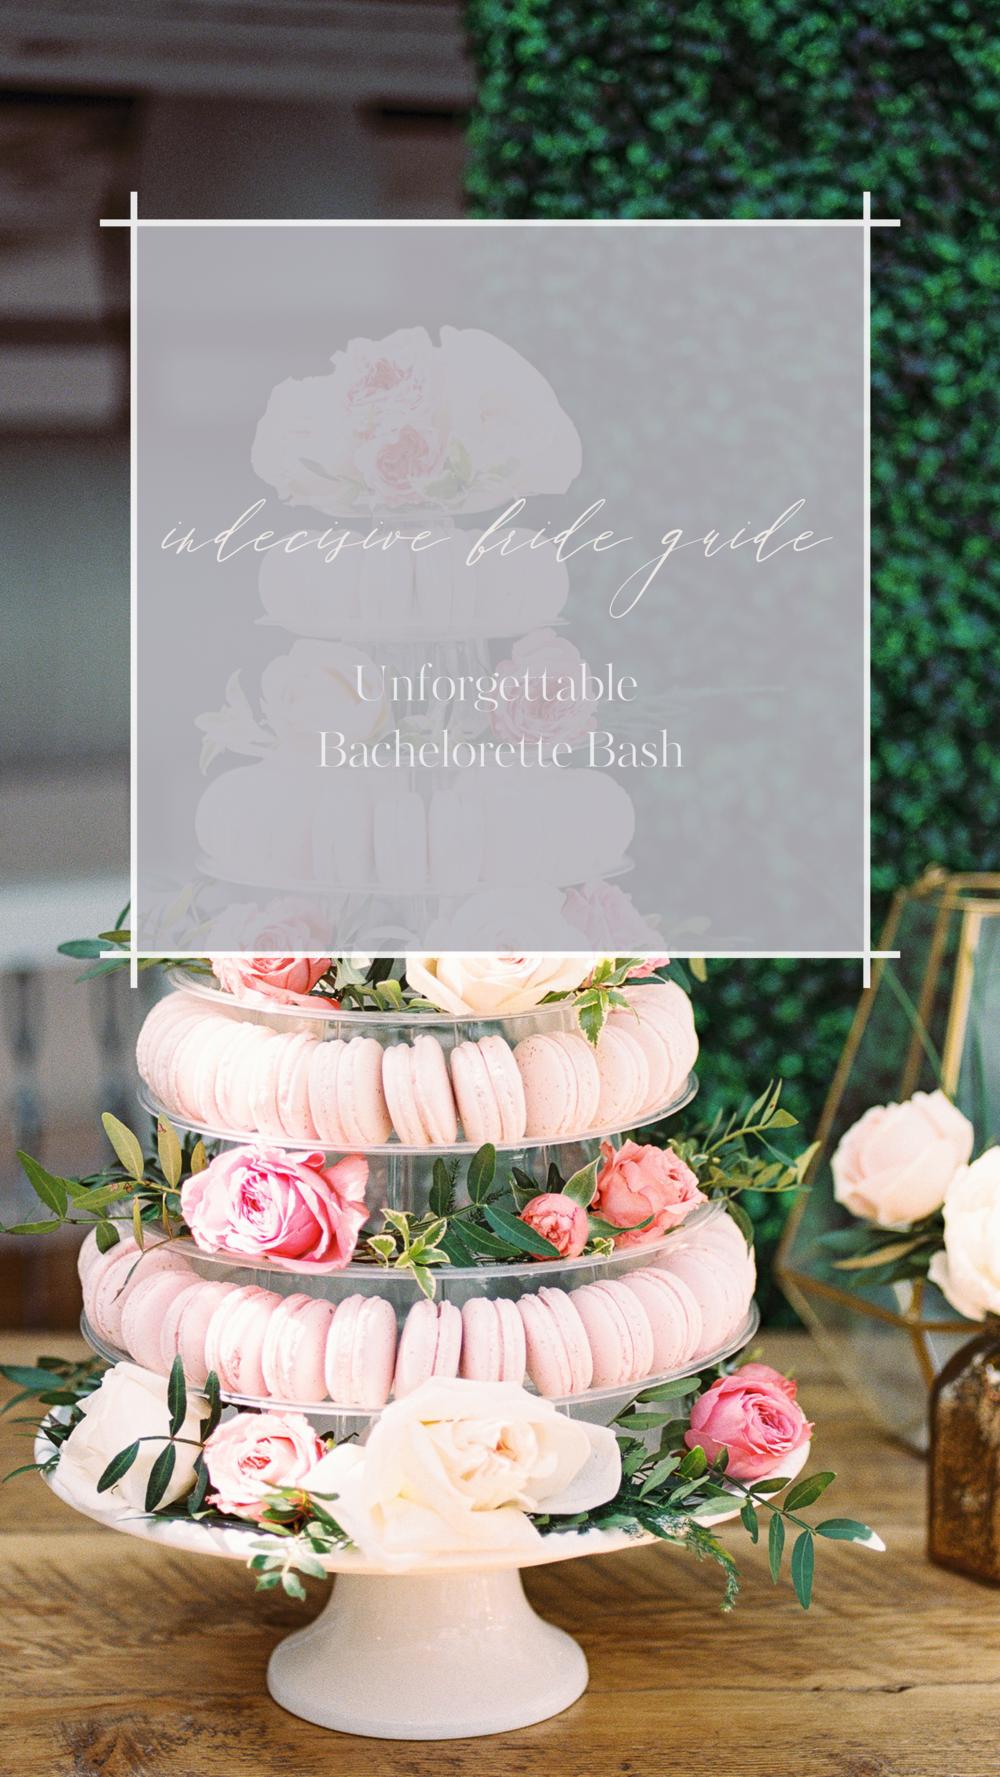 Unforgettable Bachelorette Bash (1).png